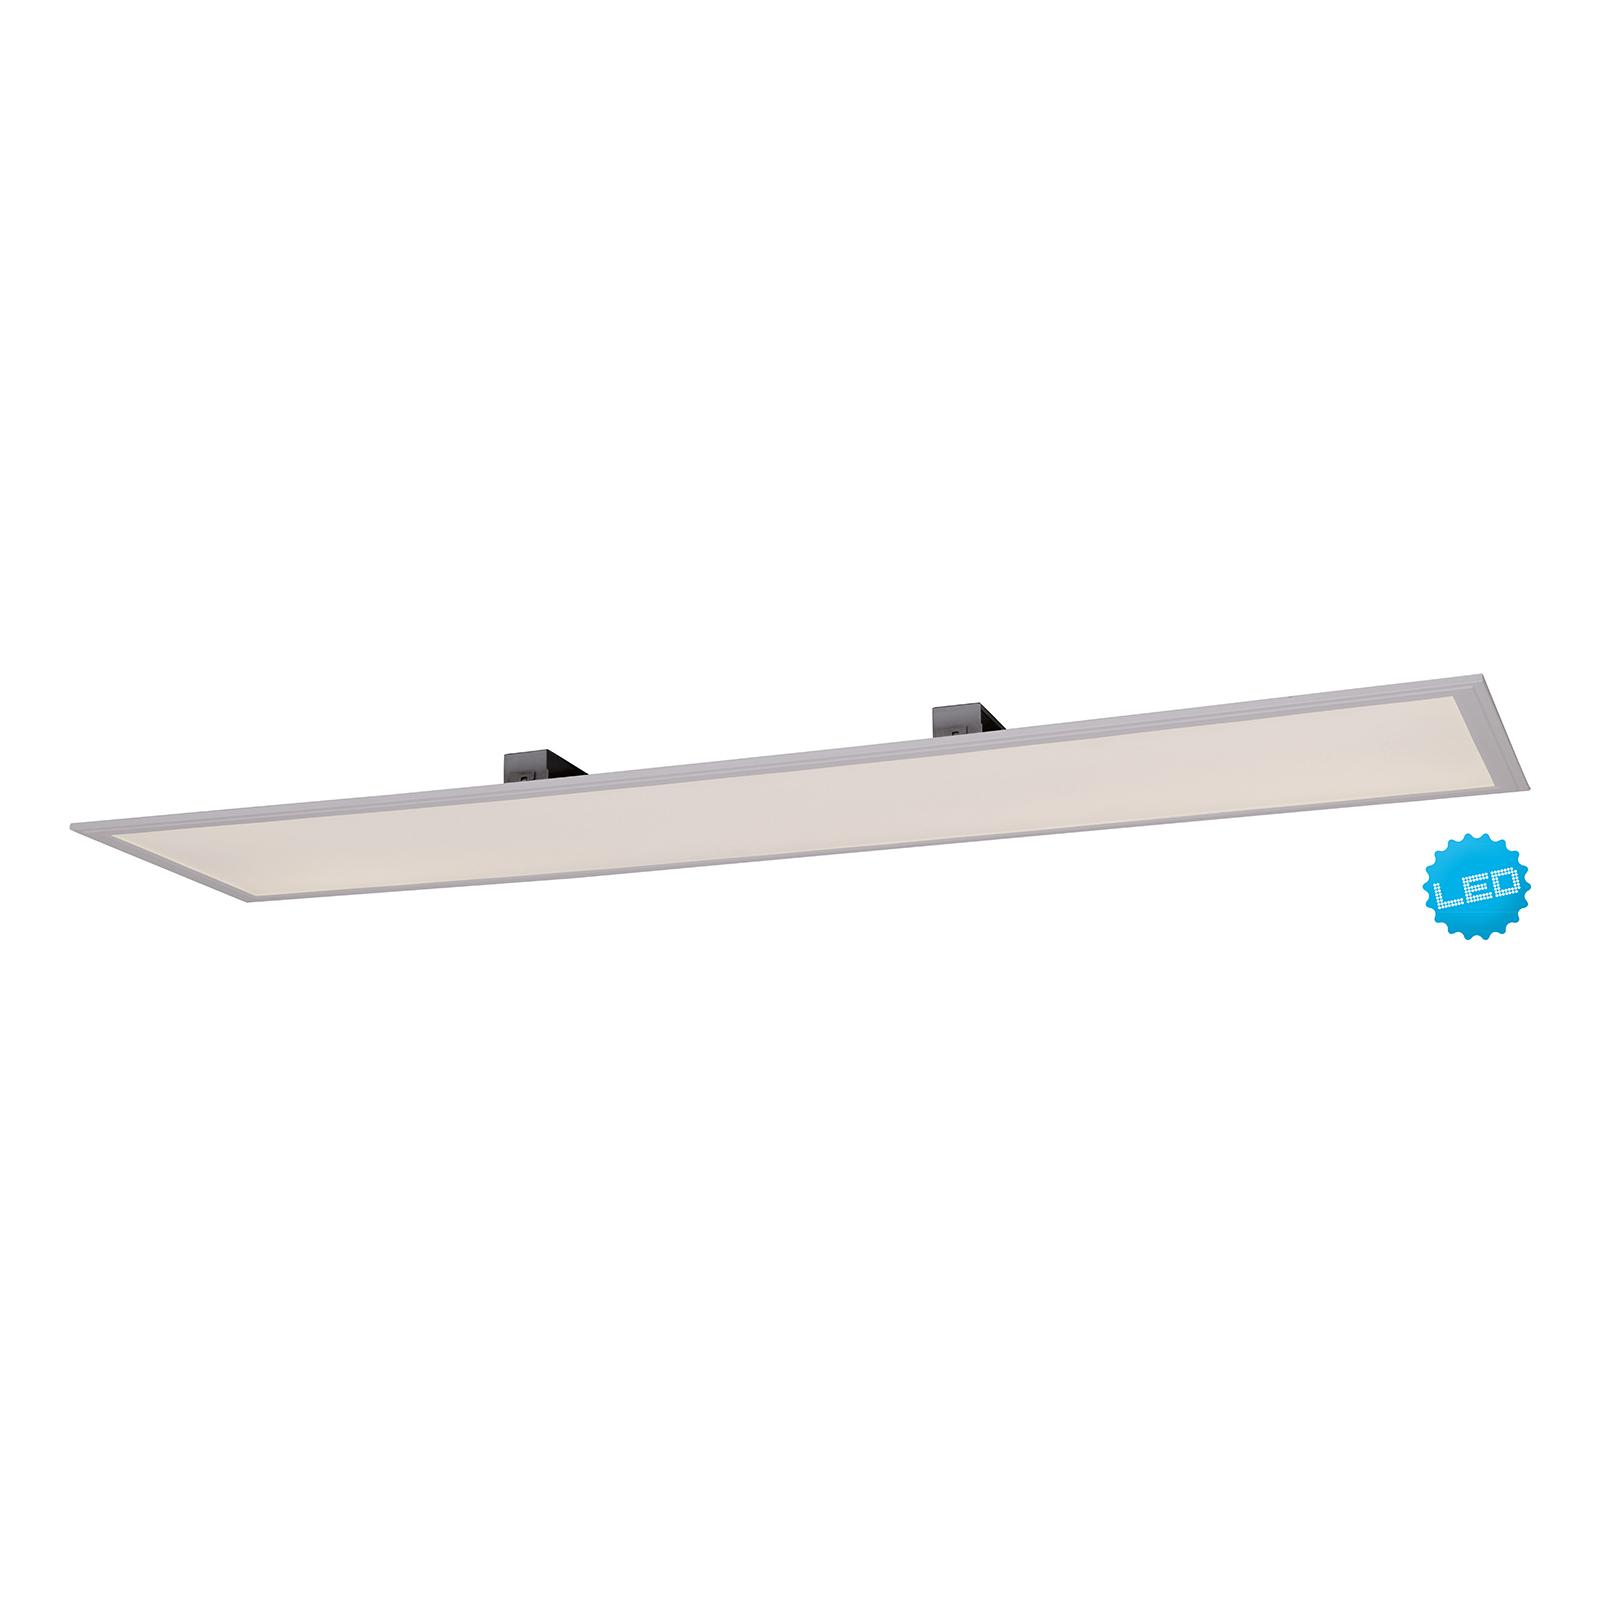 LED-Panel 1298703 zum Ein- oder Aufbau, 120x30 cm